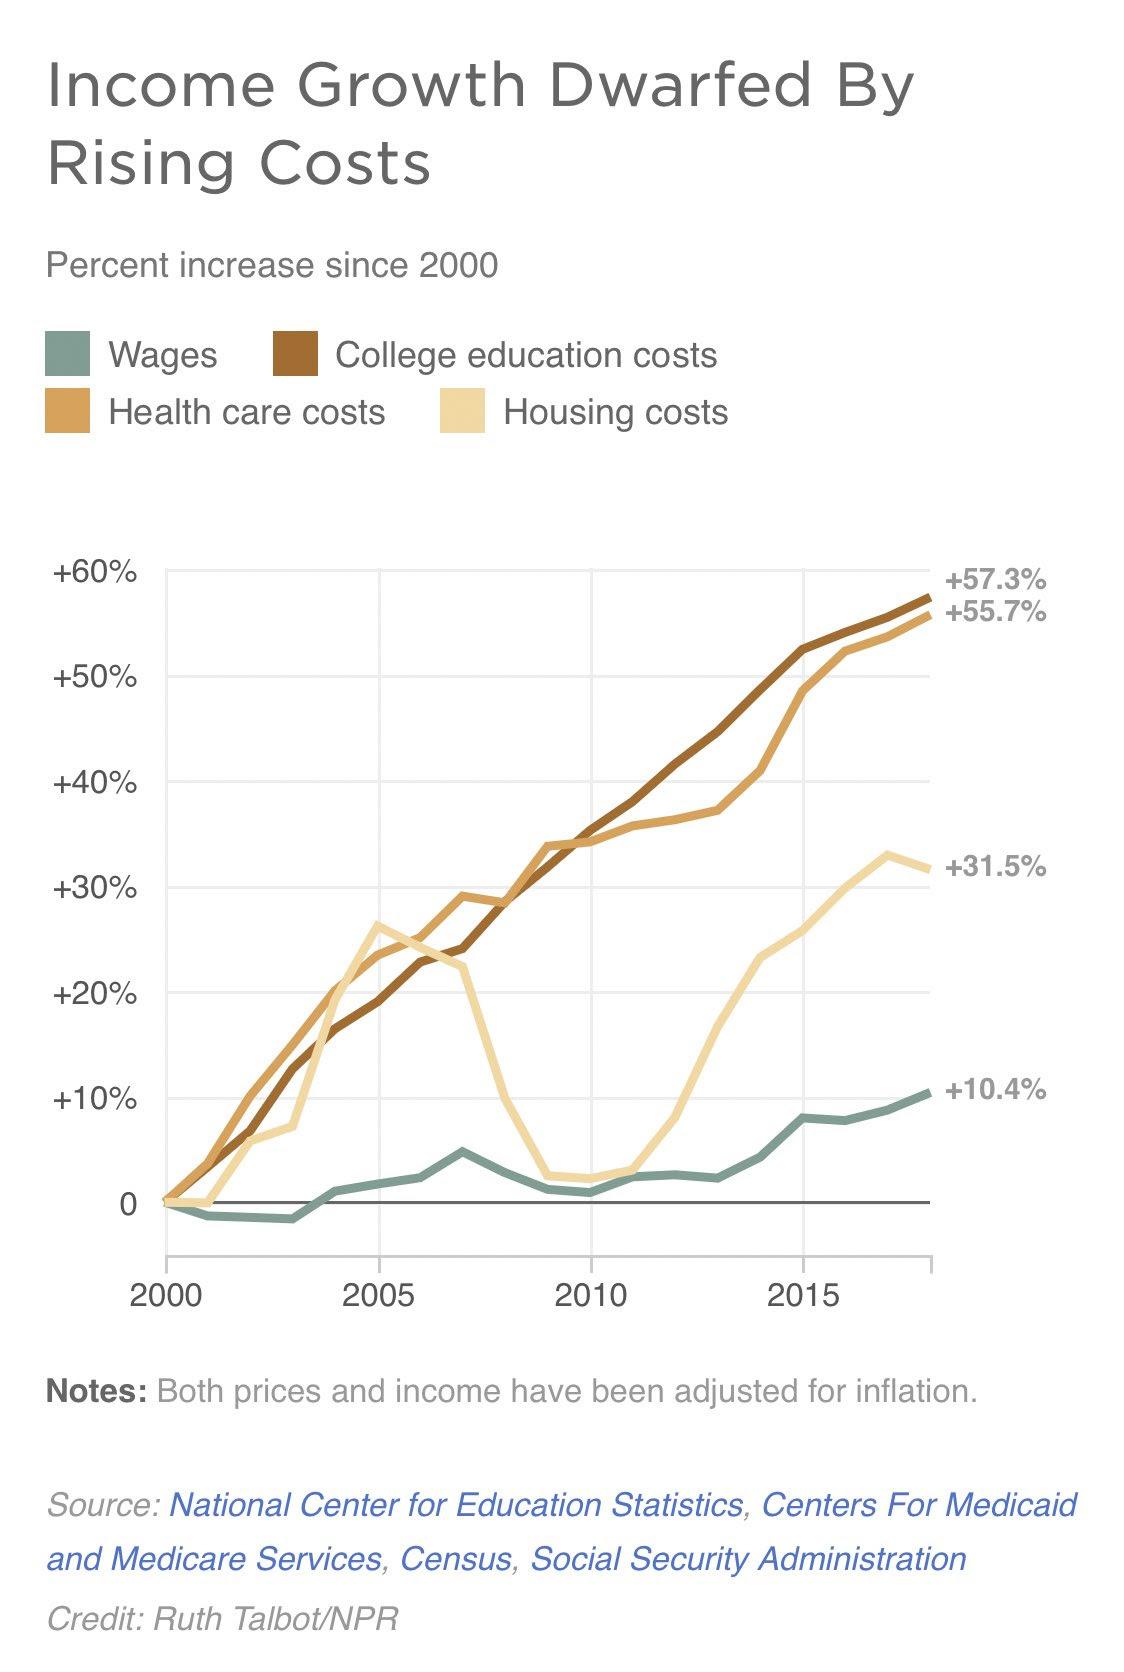 Crecimiento de ingresos que no se mantiene al día con los costos de la universidad, la vivienda y la atención médica